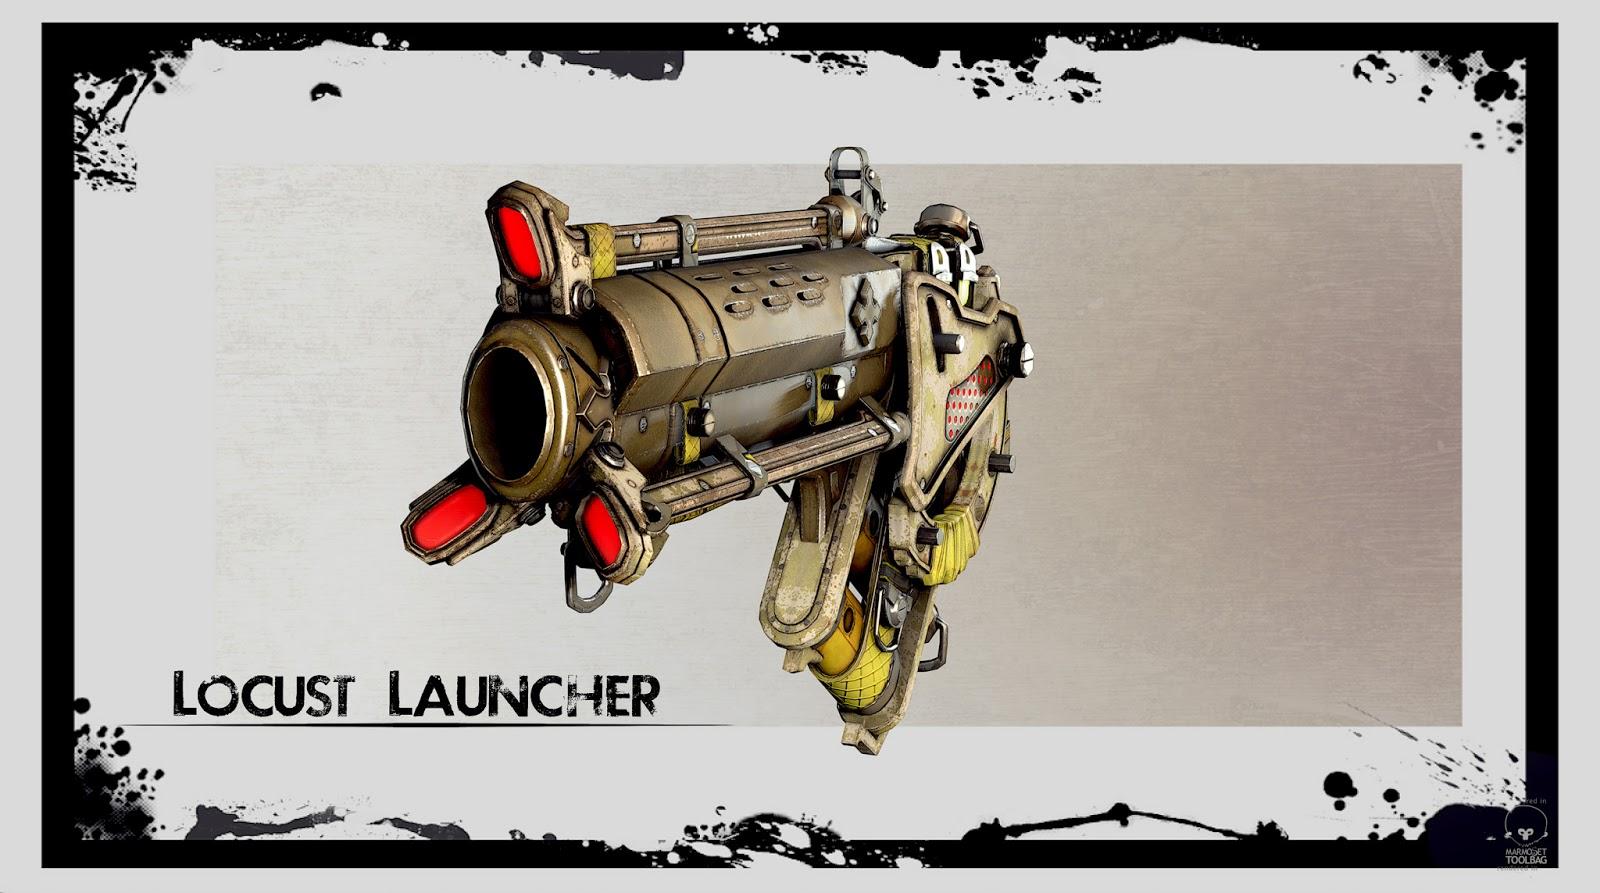 WeaponLowPolyFront.jpg